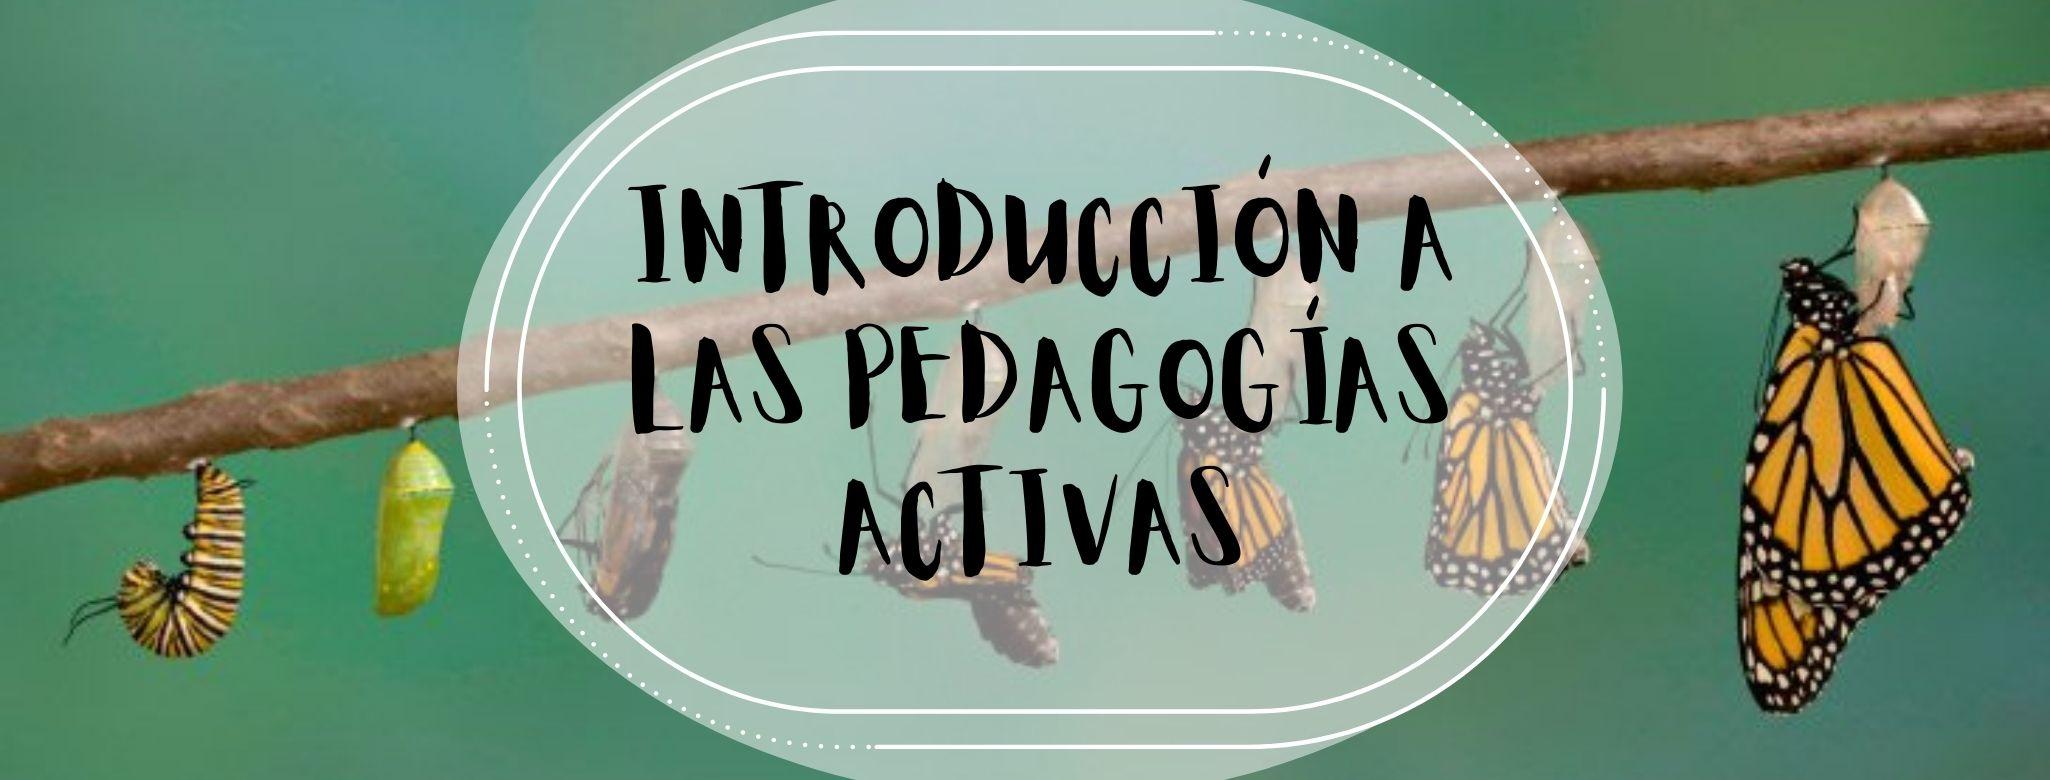 Introducción a las pedagogías activas y vivenciales